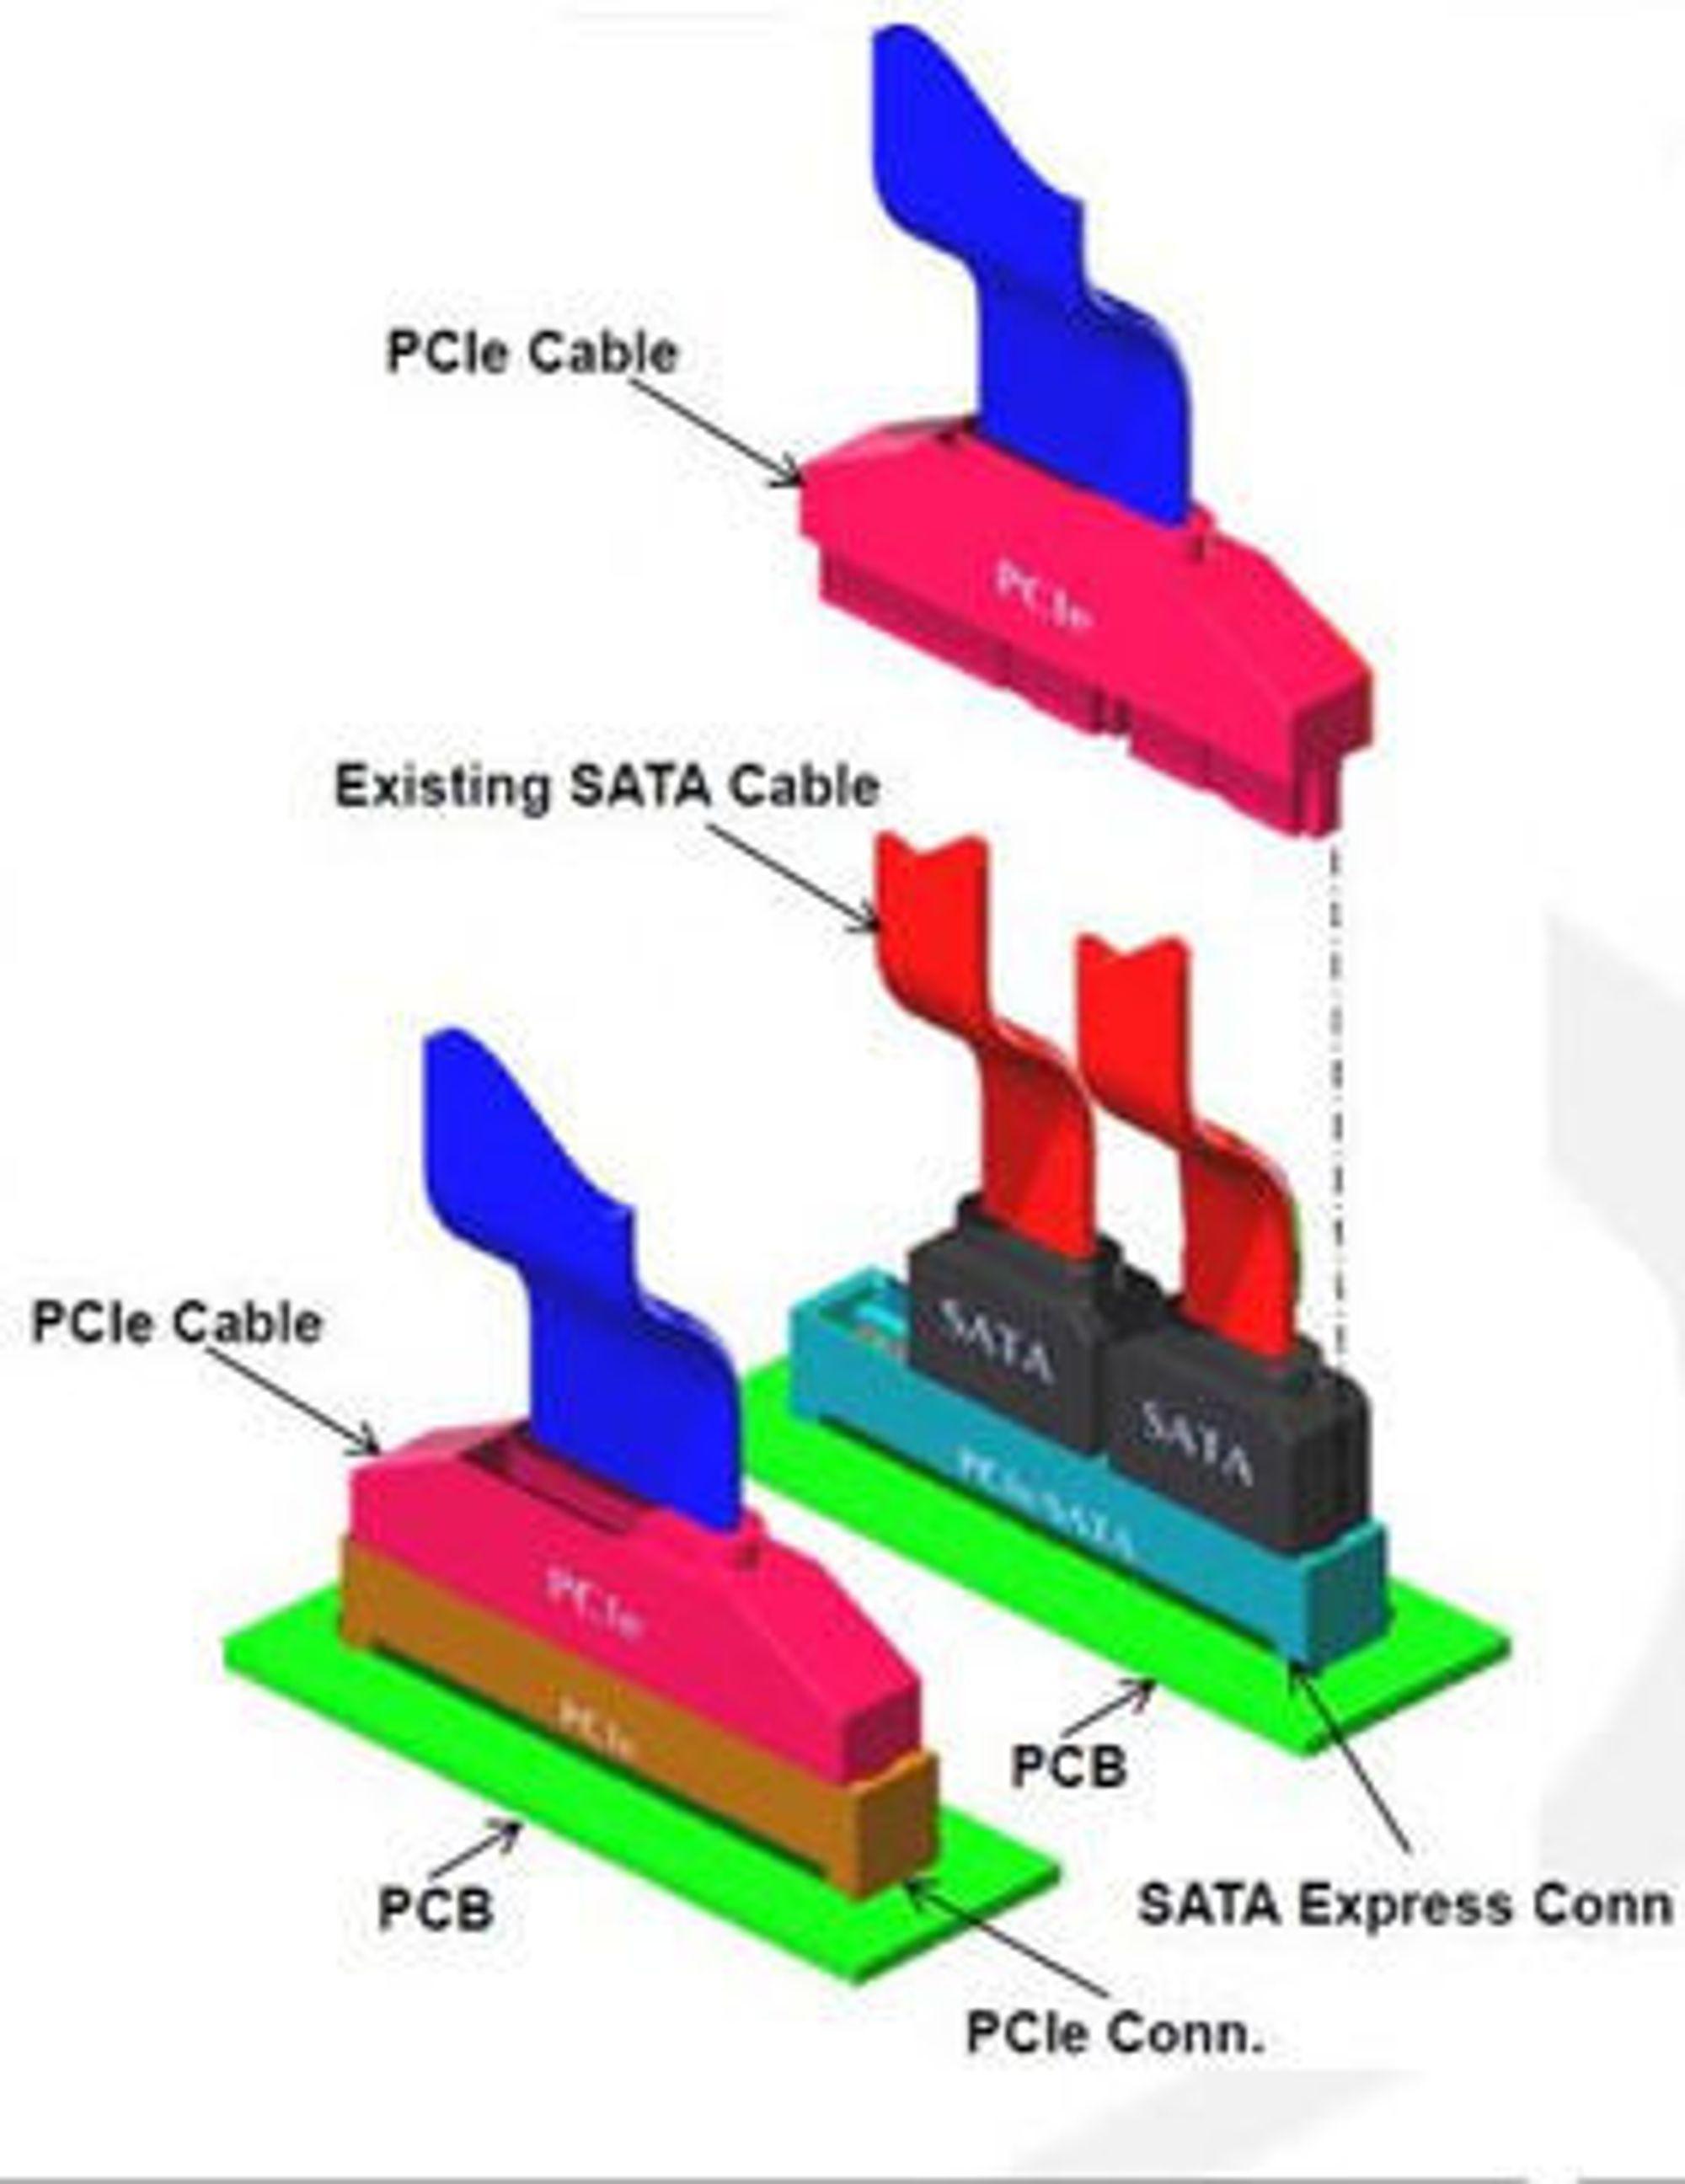 Man skal kunne koble én PCIe-kabel eller to SATA-kabler til hver SATA Express-kontakt på hovedkortet.